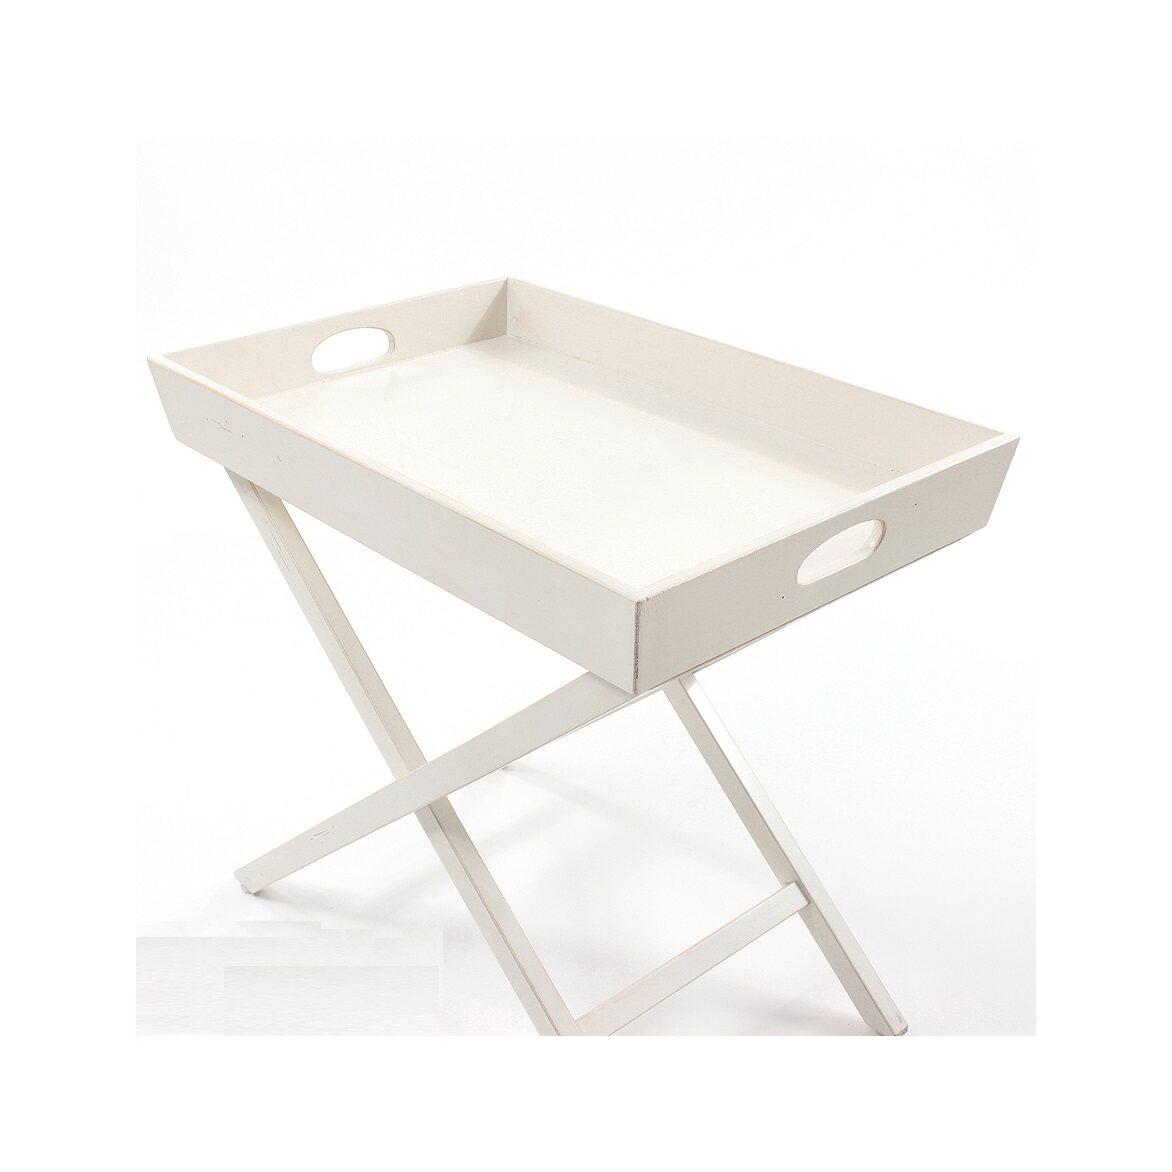 Раскладной столик Leontina, бежевого цвета | Кофейные столики Kingsby